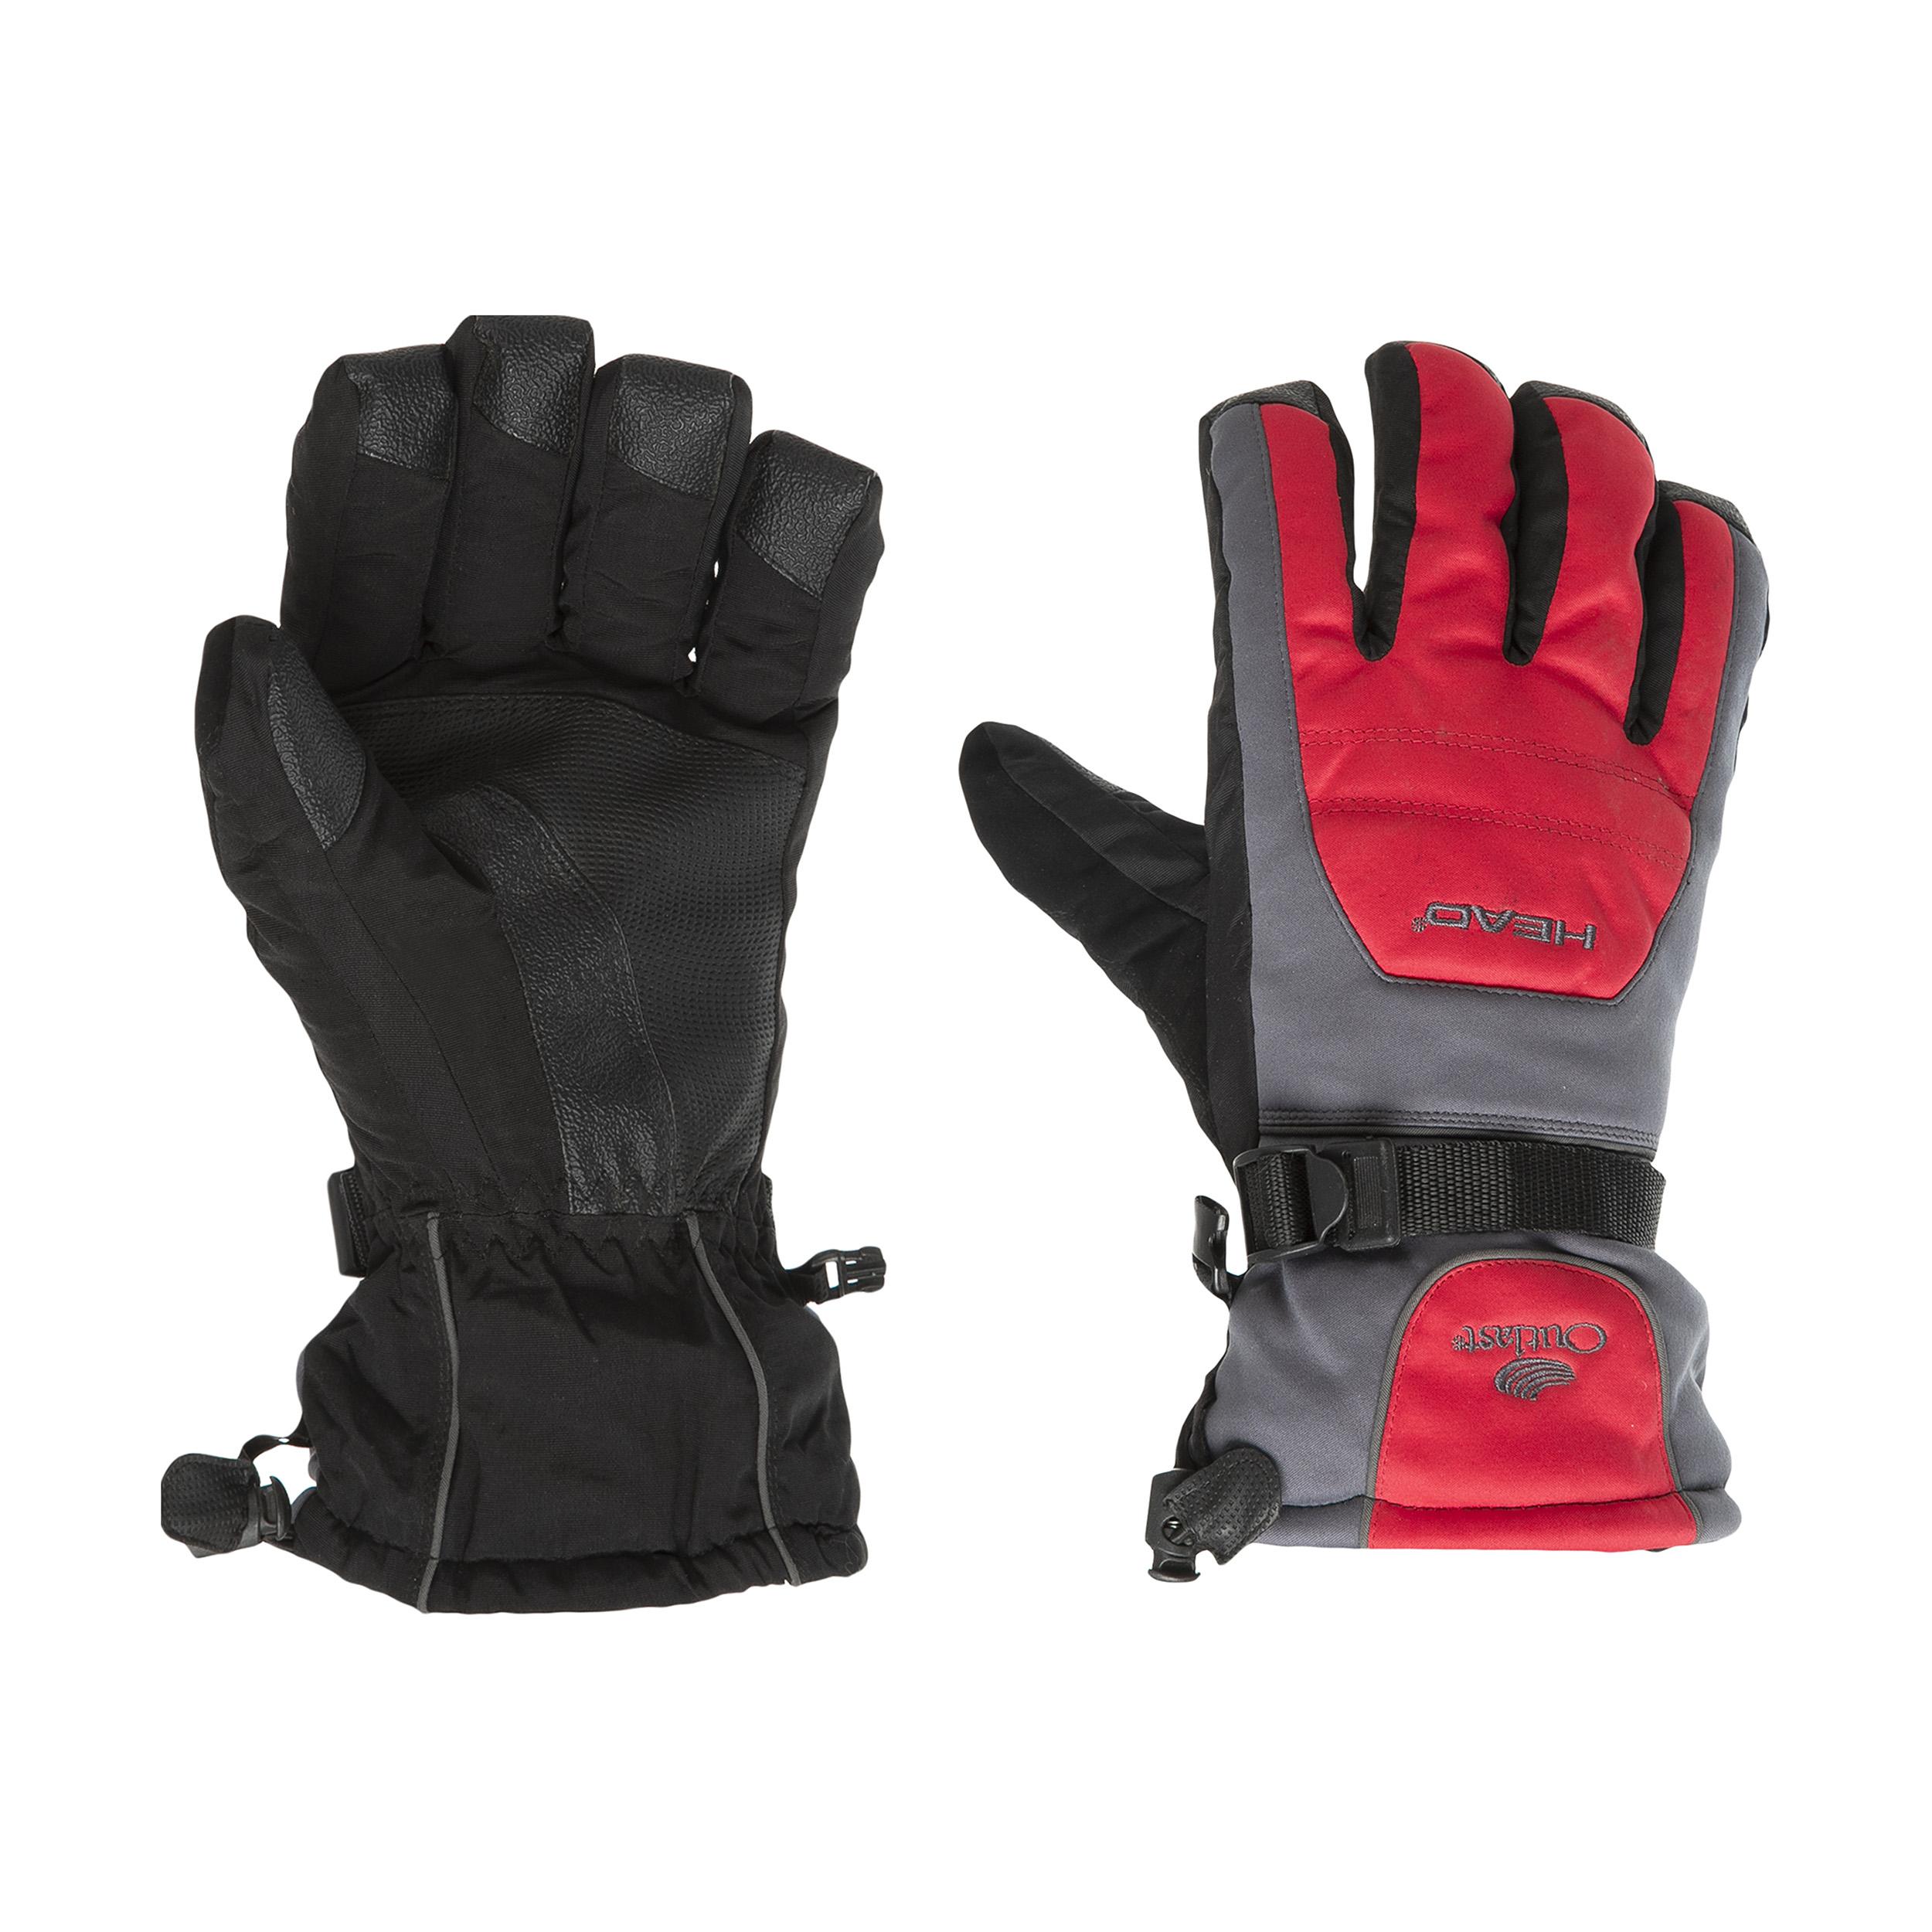 دستکش اسکی کد 004 سایز M